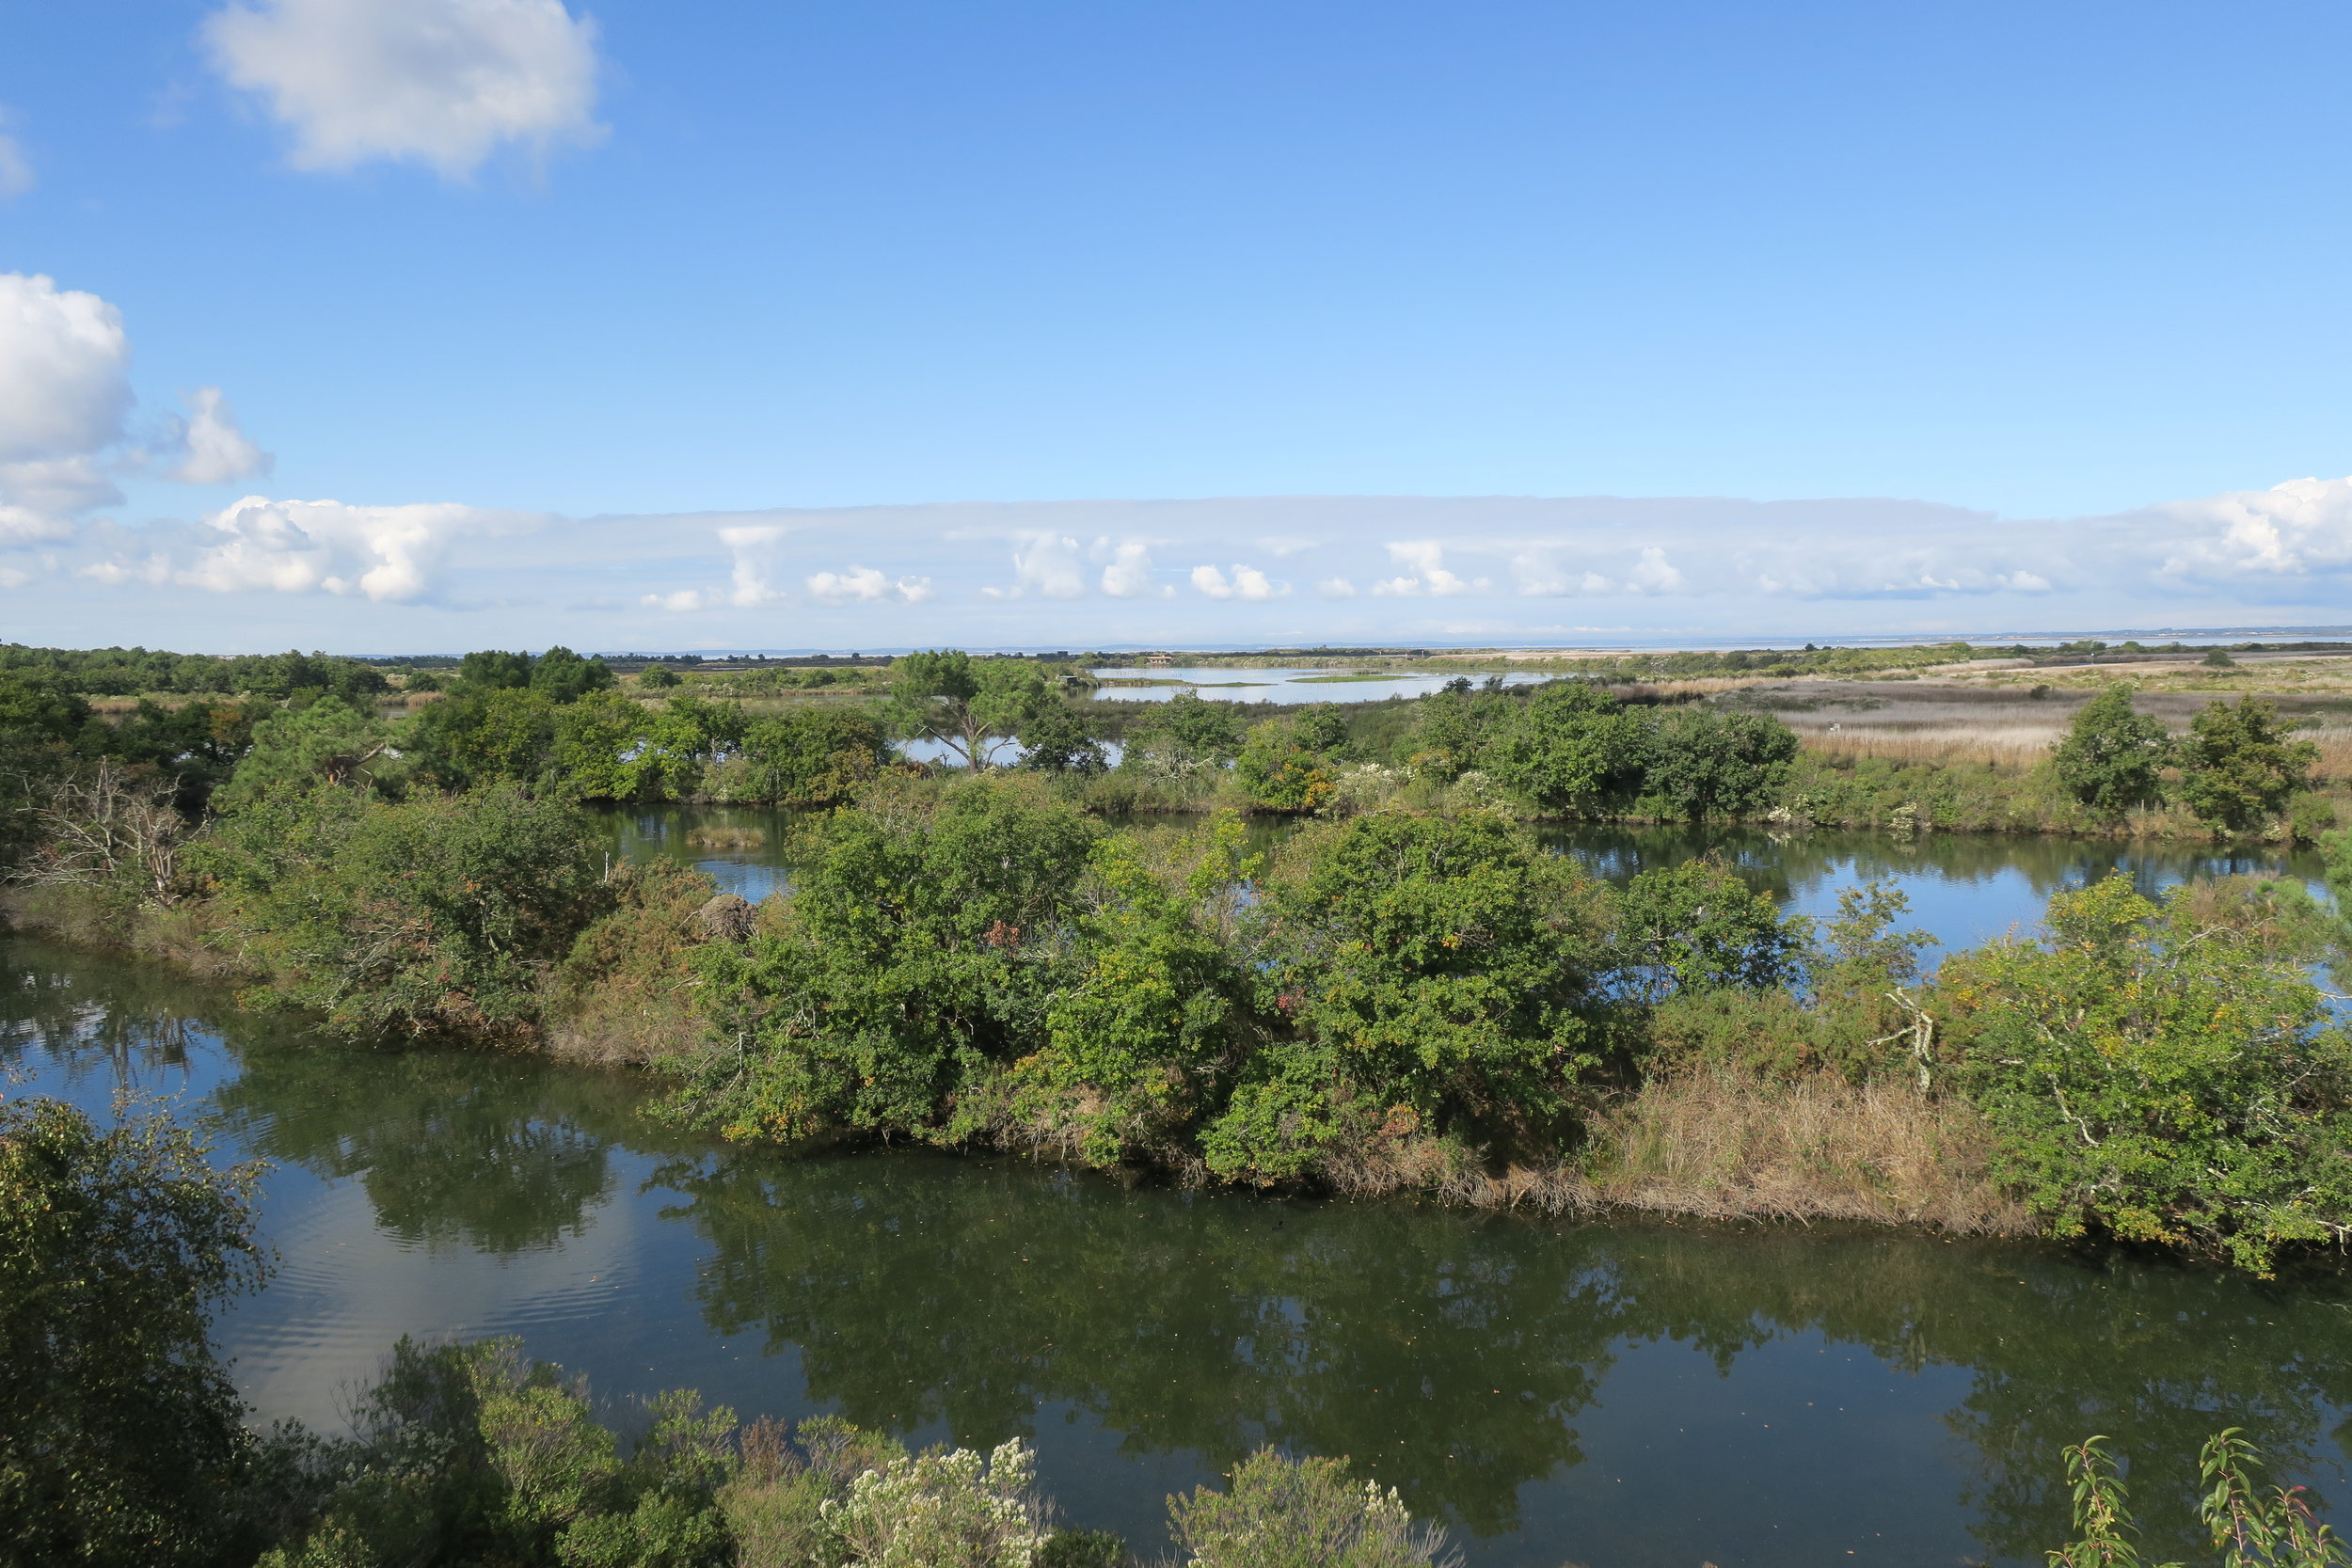 Teich bird reserve ecosystem in the Arcachon Bay